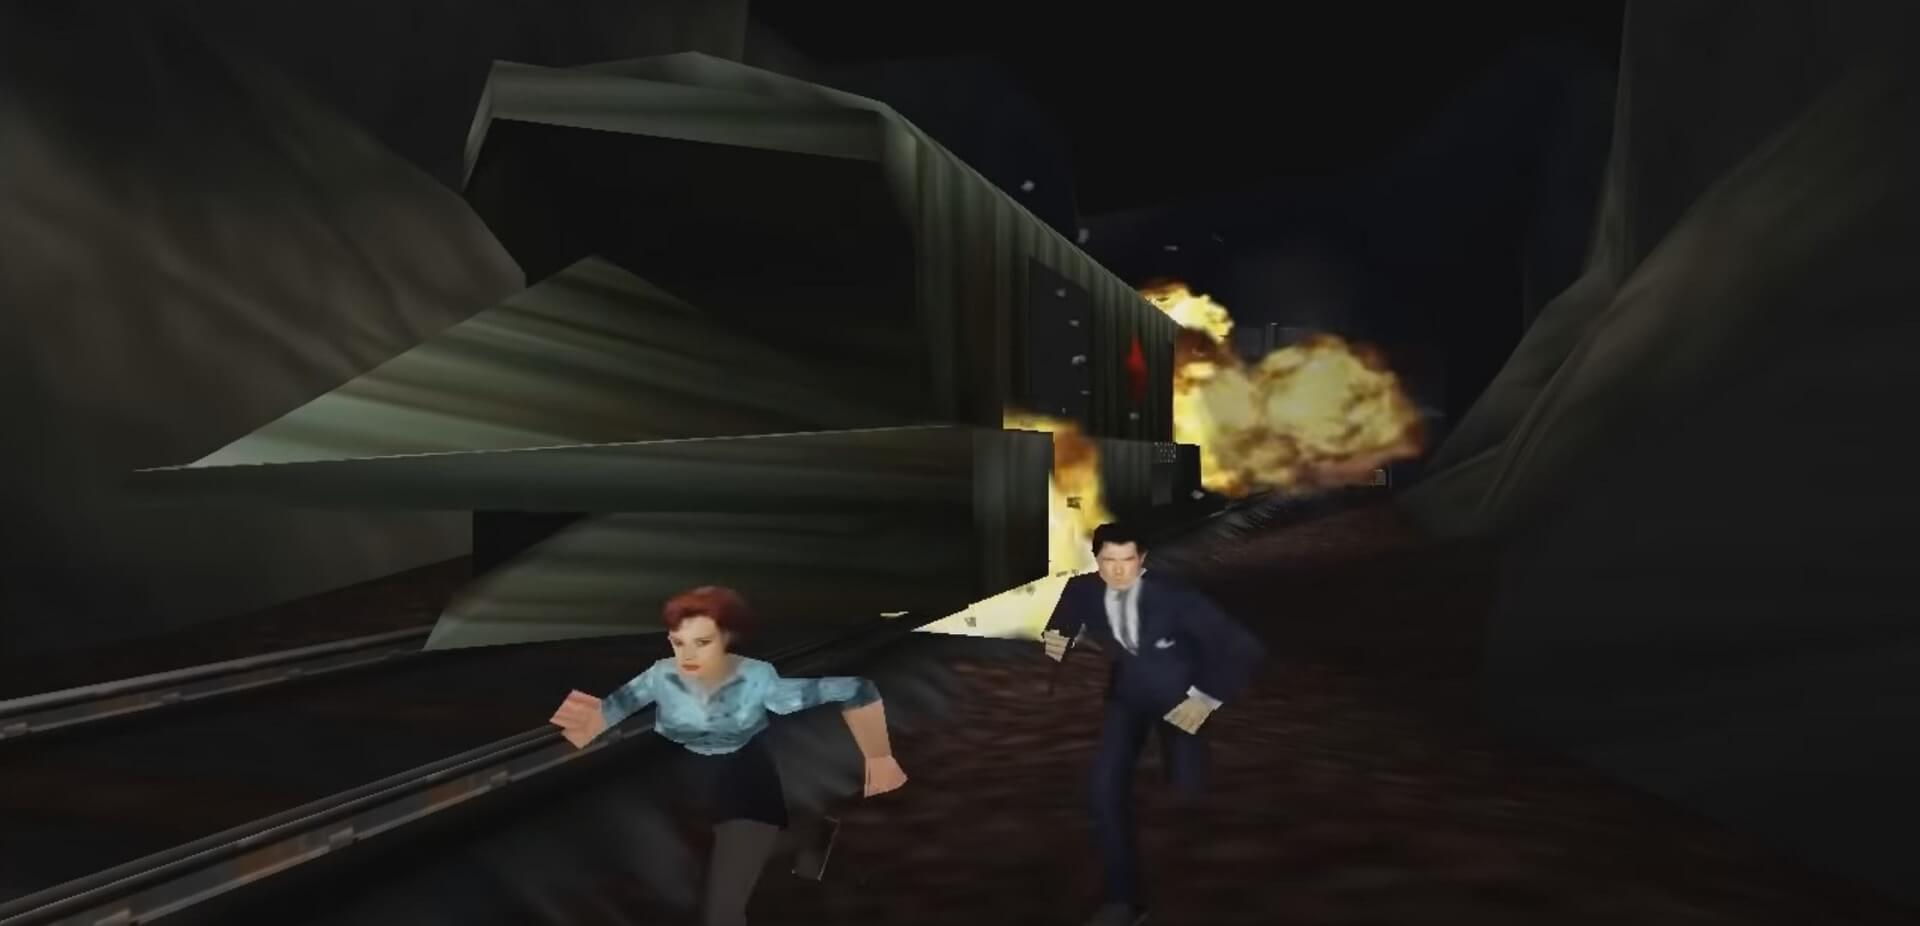 Golden Eye 007: Pierce Brosnan rennt von einem explodieren Zug weg